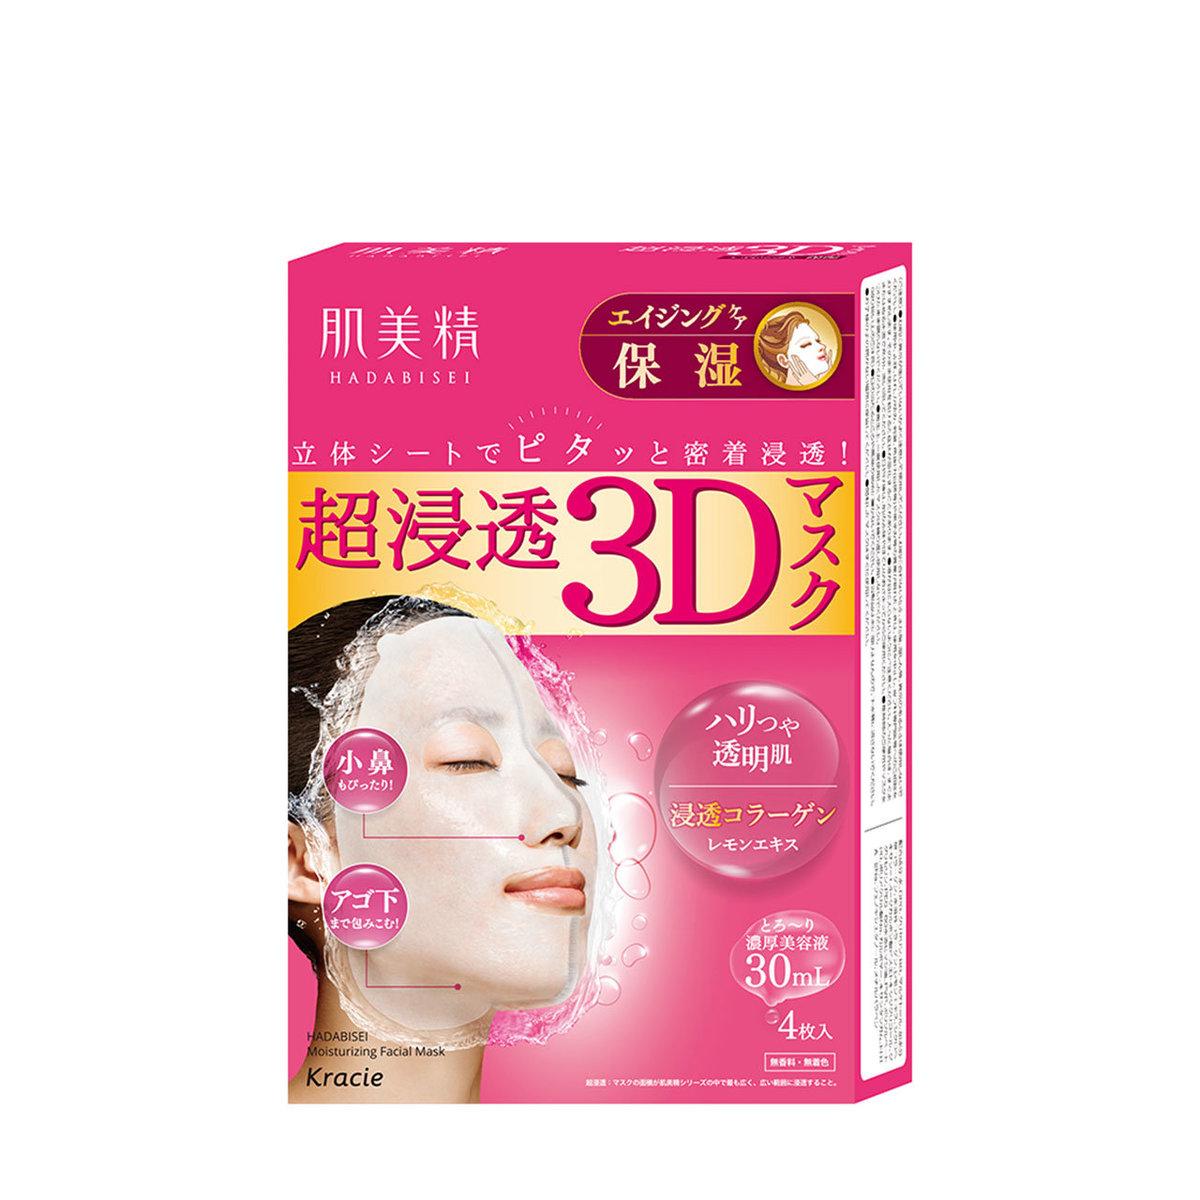 肌美精超滲透 3D 抗皺保濕立體面膜 (30毫升 x 4片)